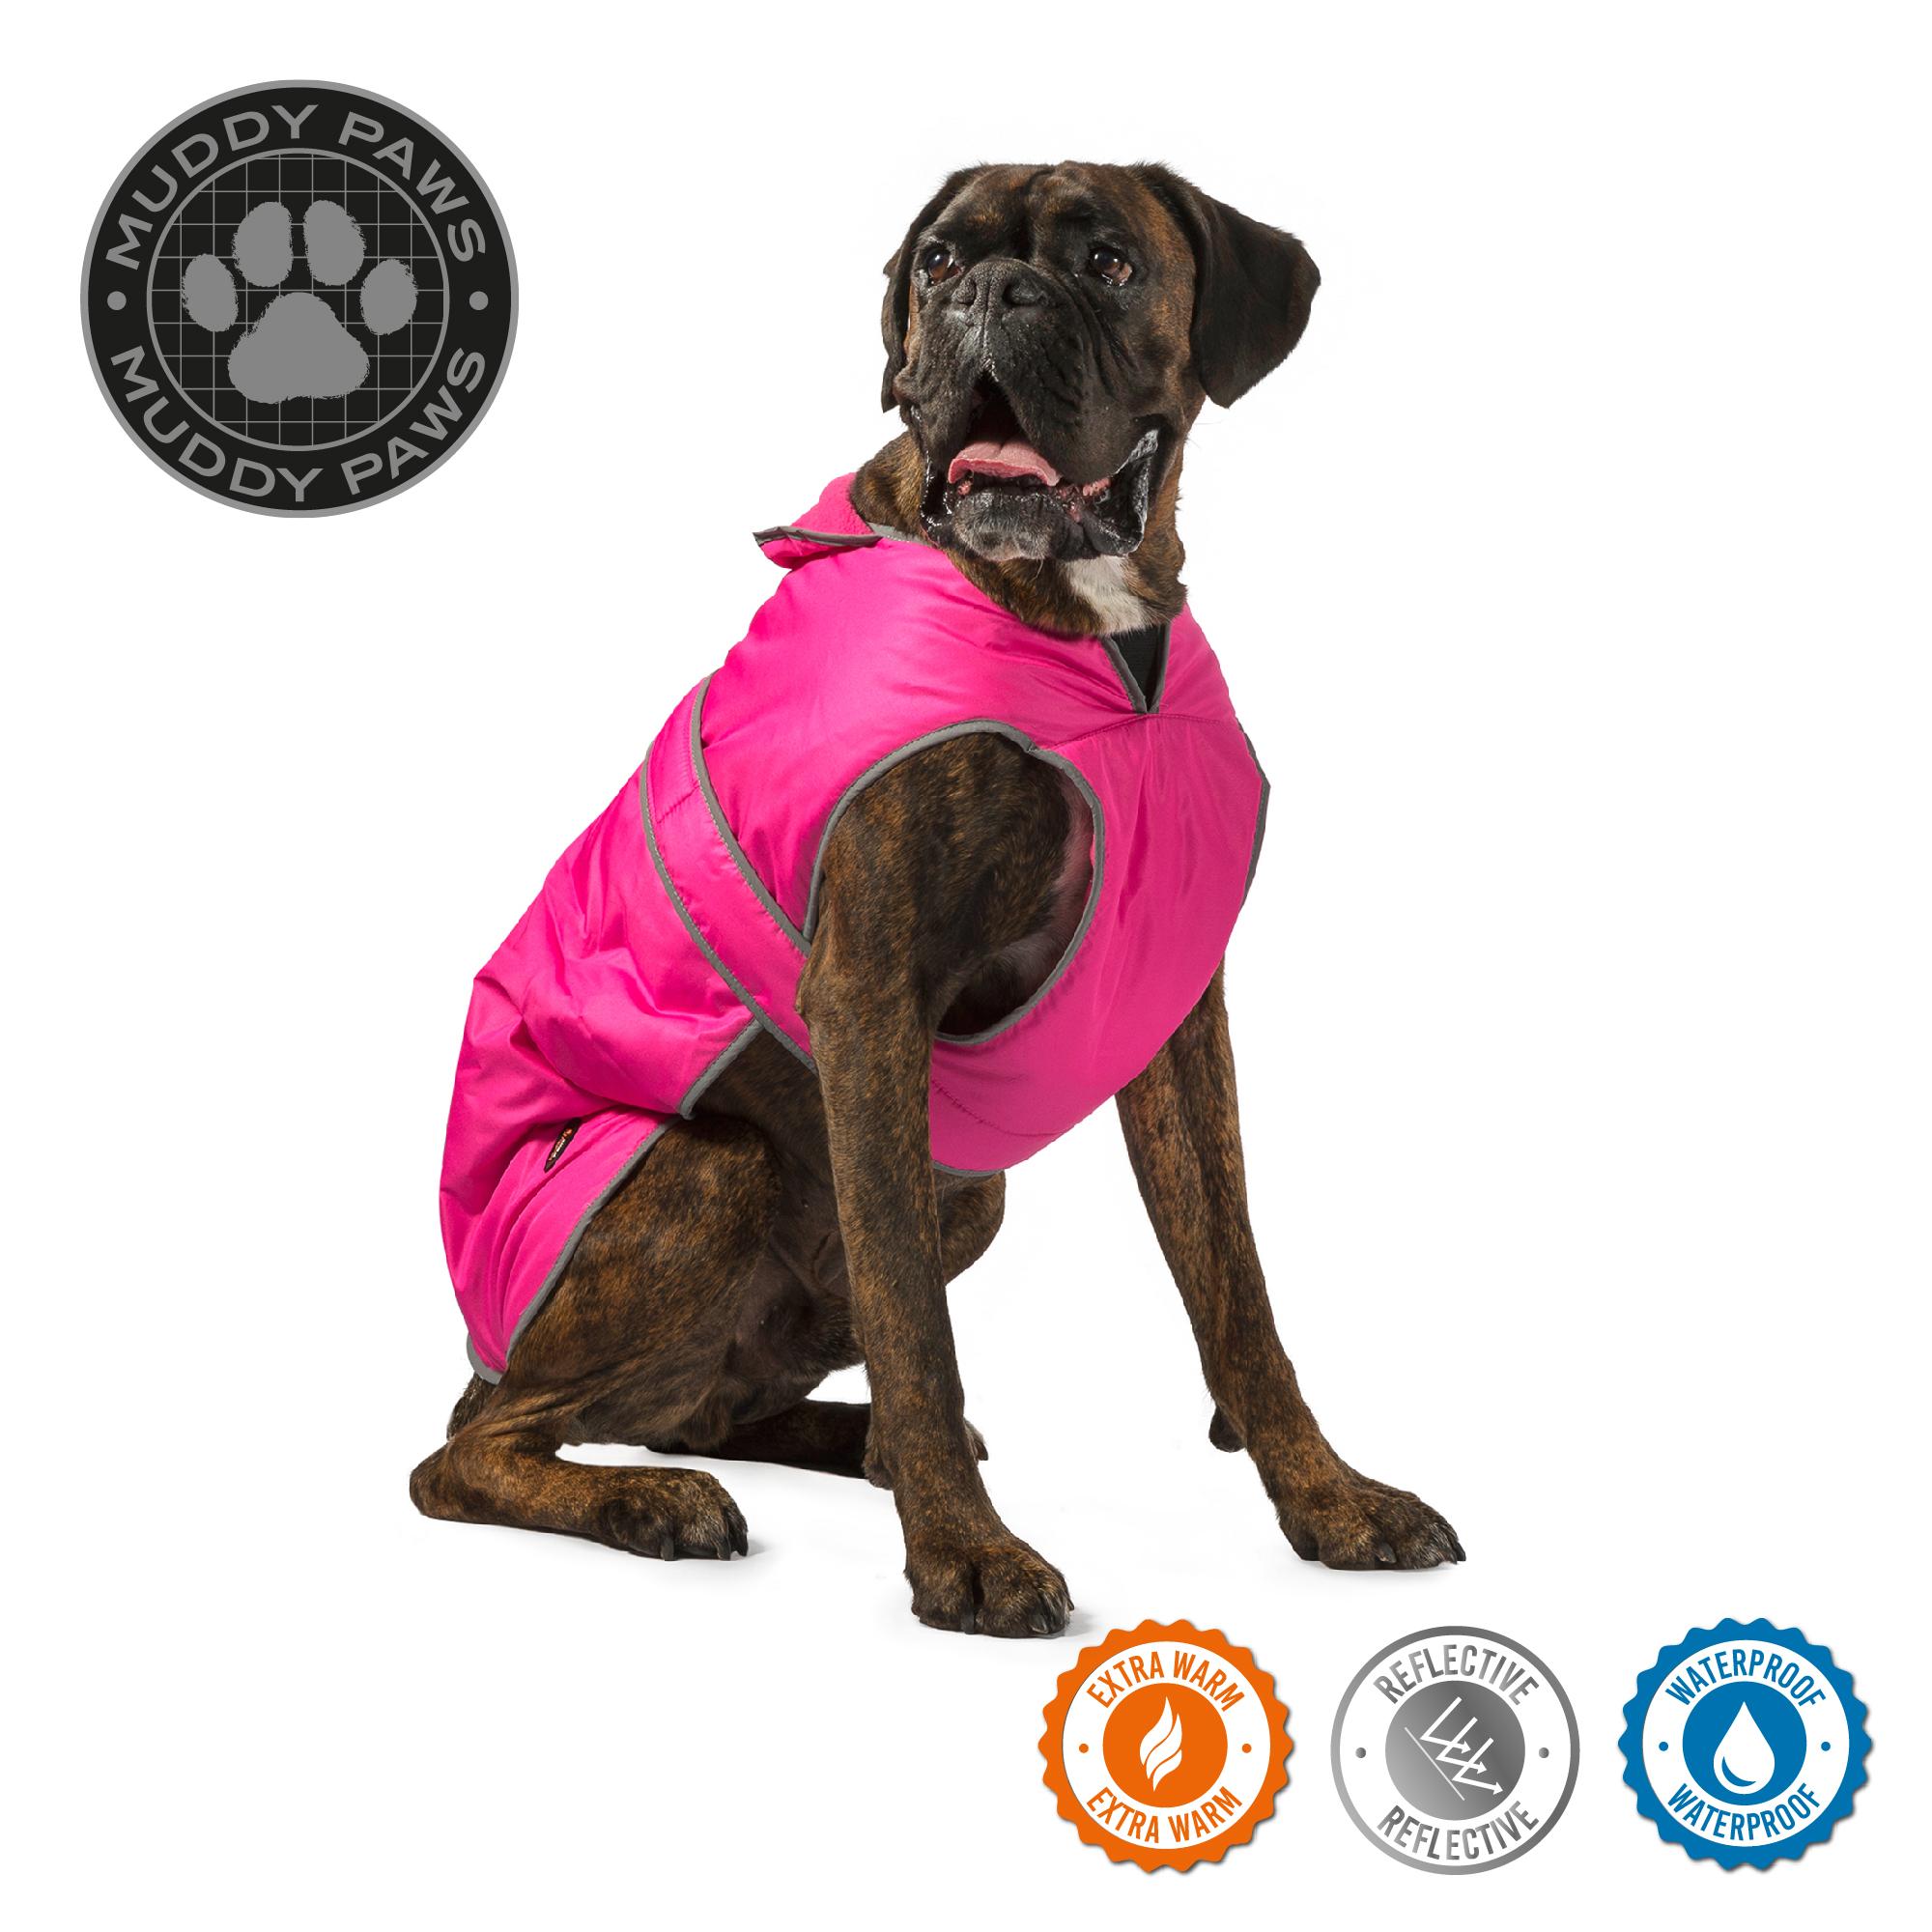 Obleček pro psy stormguard - růžový